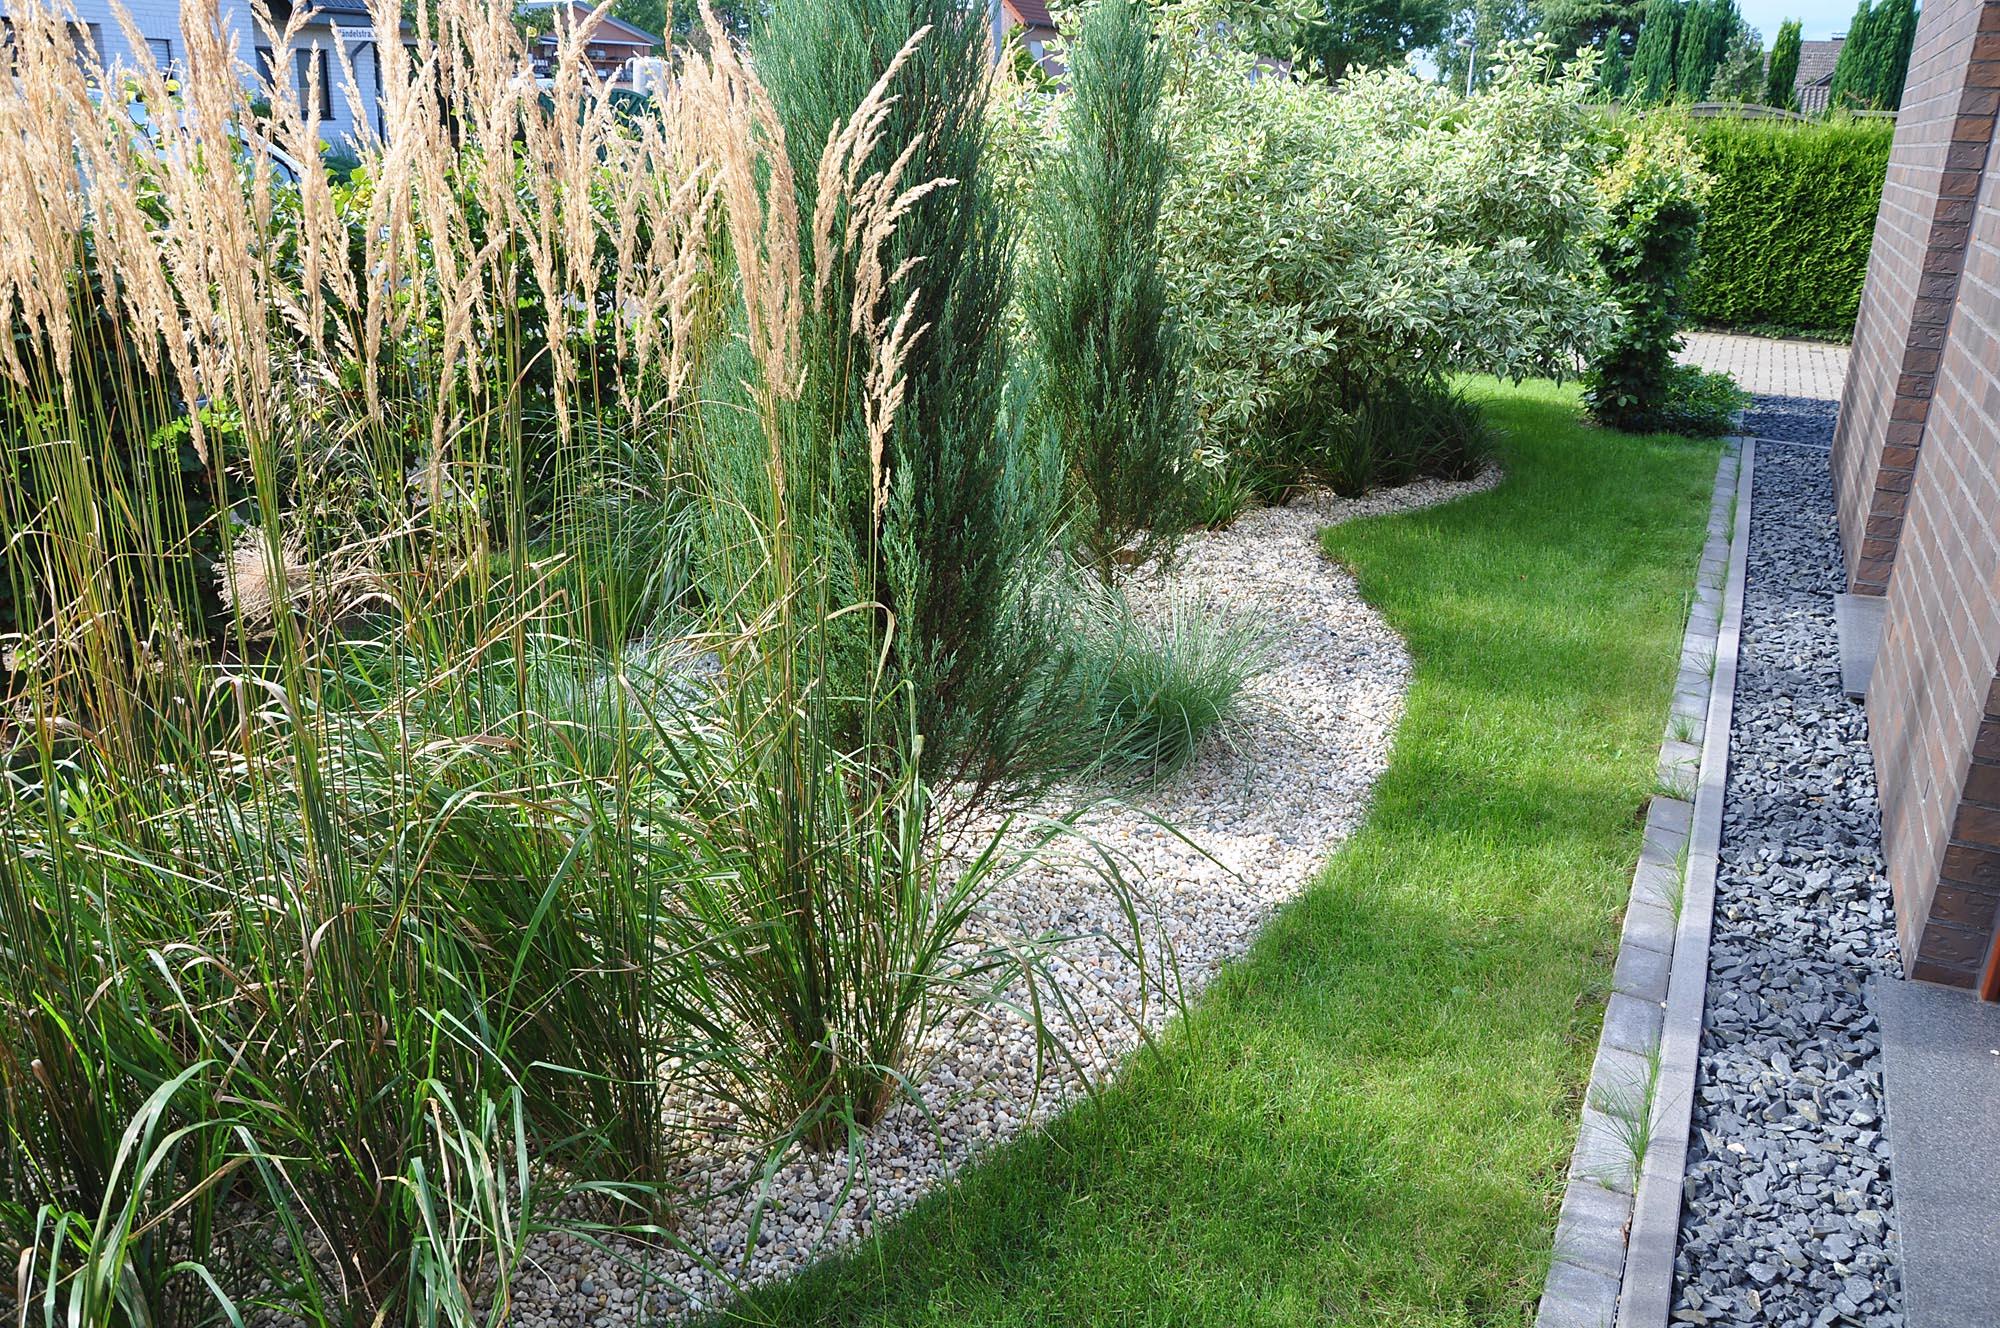 Gräser Garten gräsergarten mit stauden und gehölzen pflanz konzept